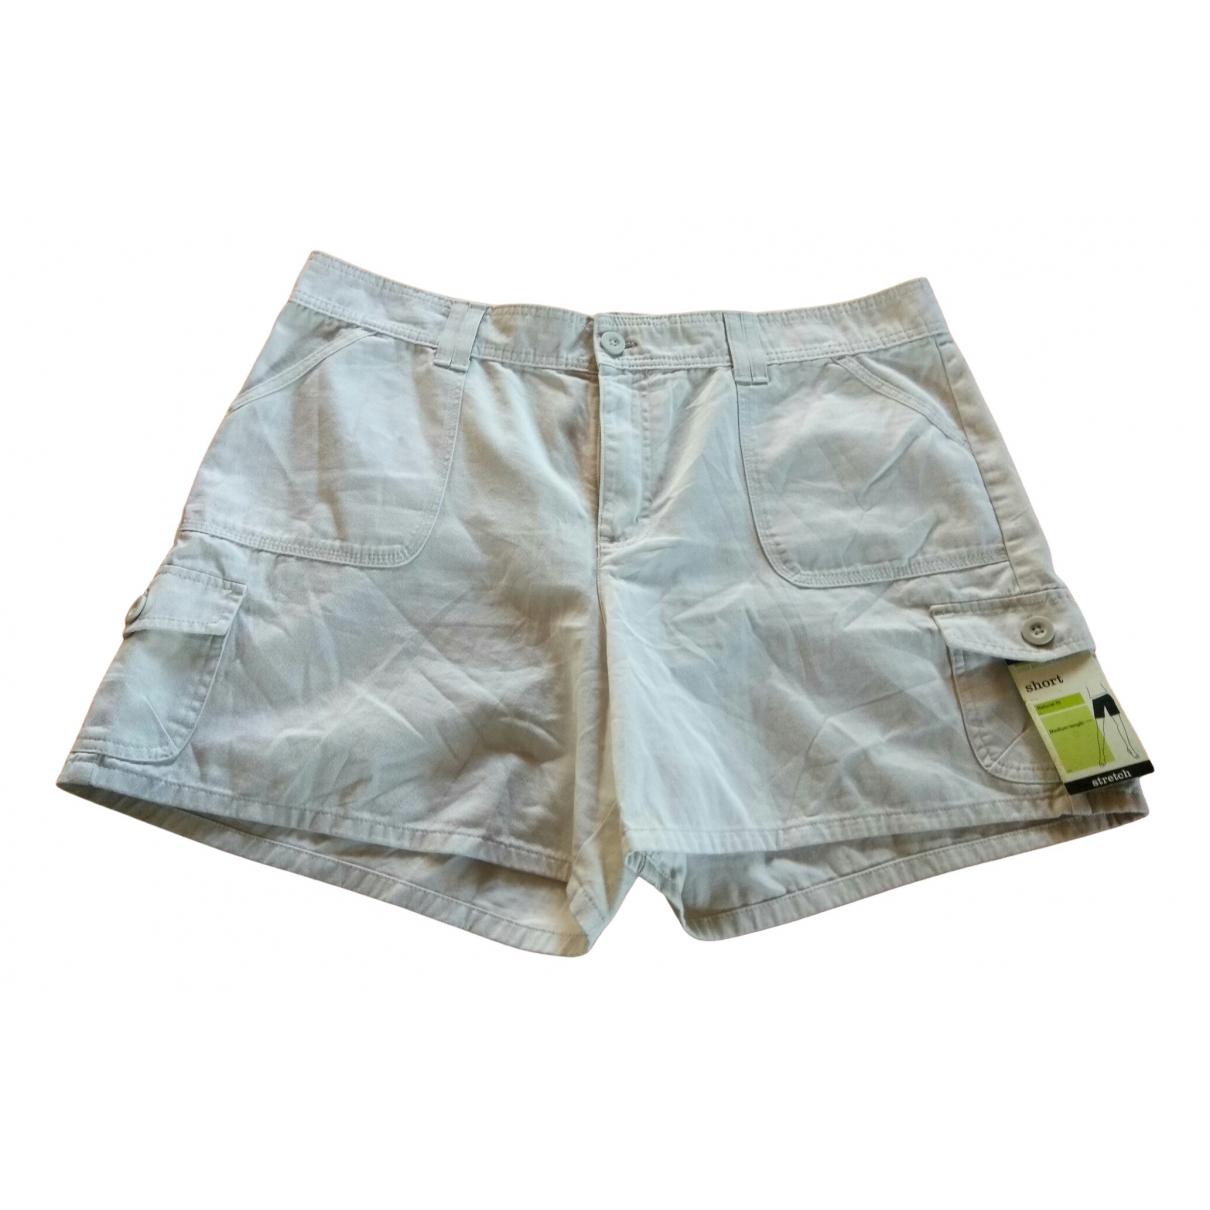 Pantalon corto Lee